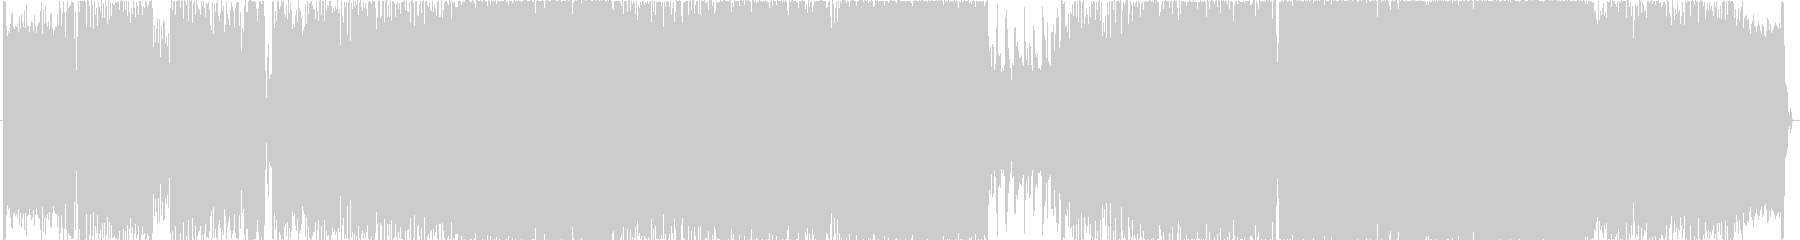 王道V系ニューメタルの未再生の波形